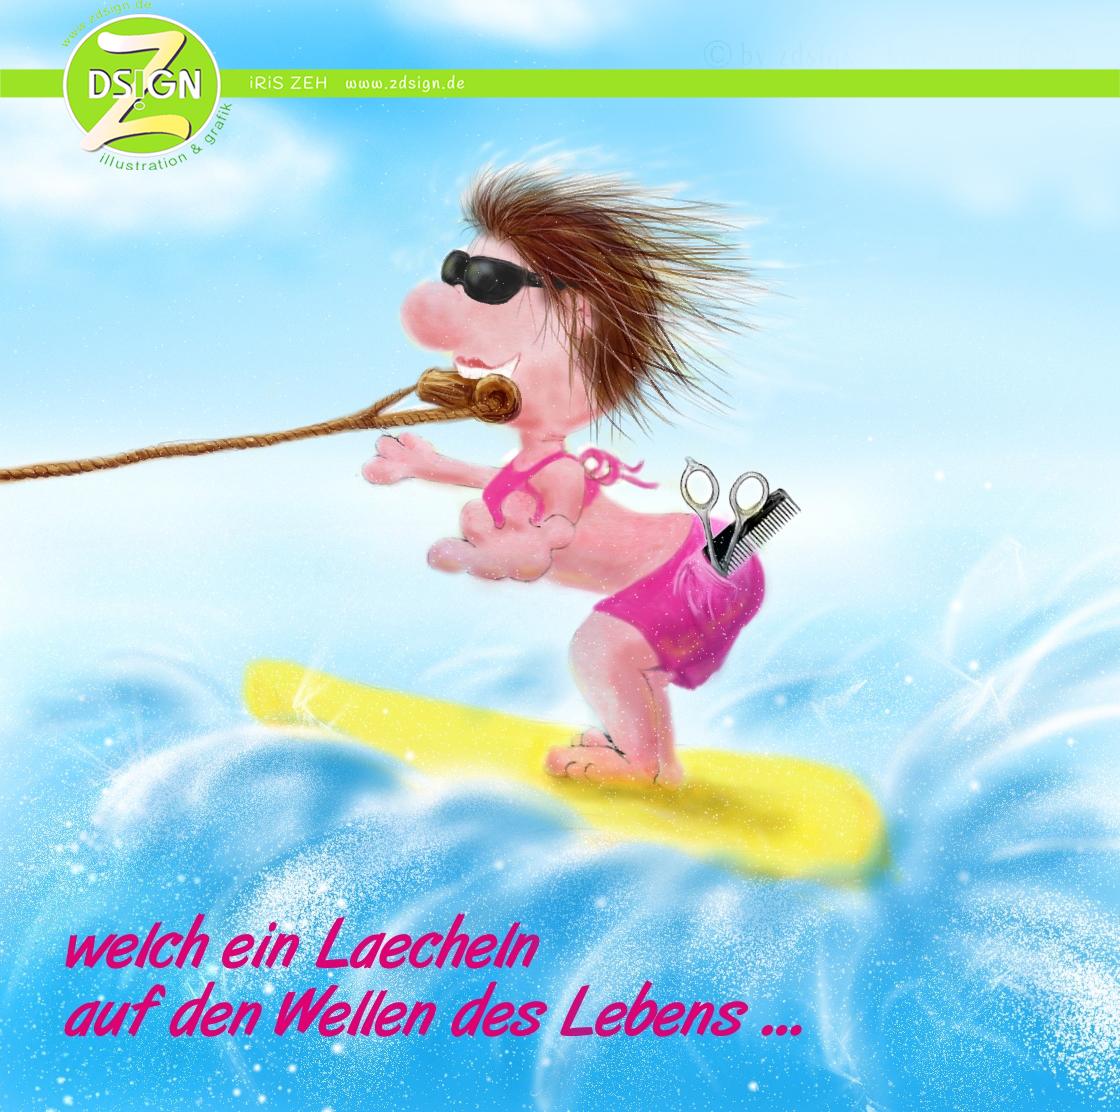 karin-surft-auf-den-wellen-des-lebens